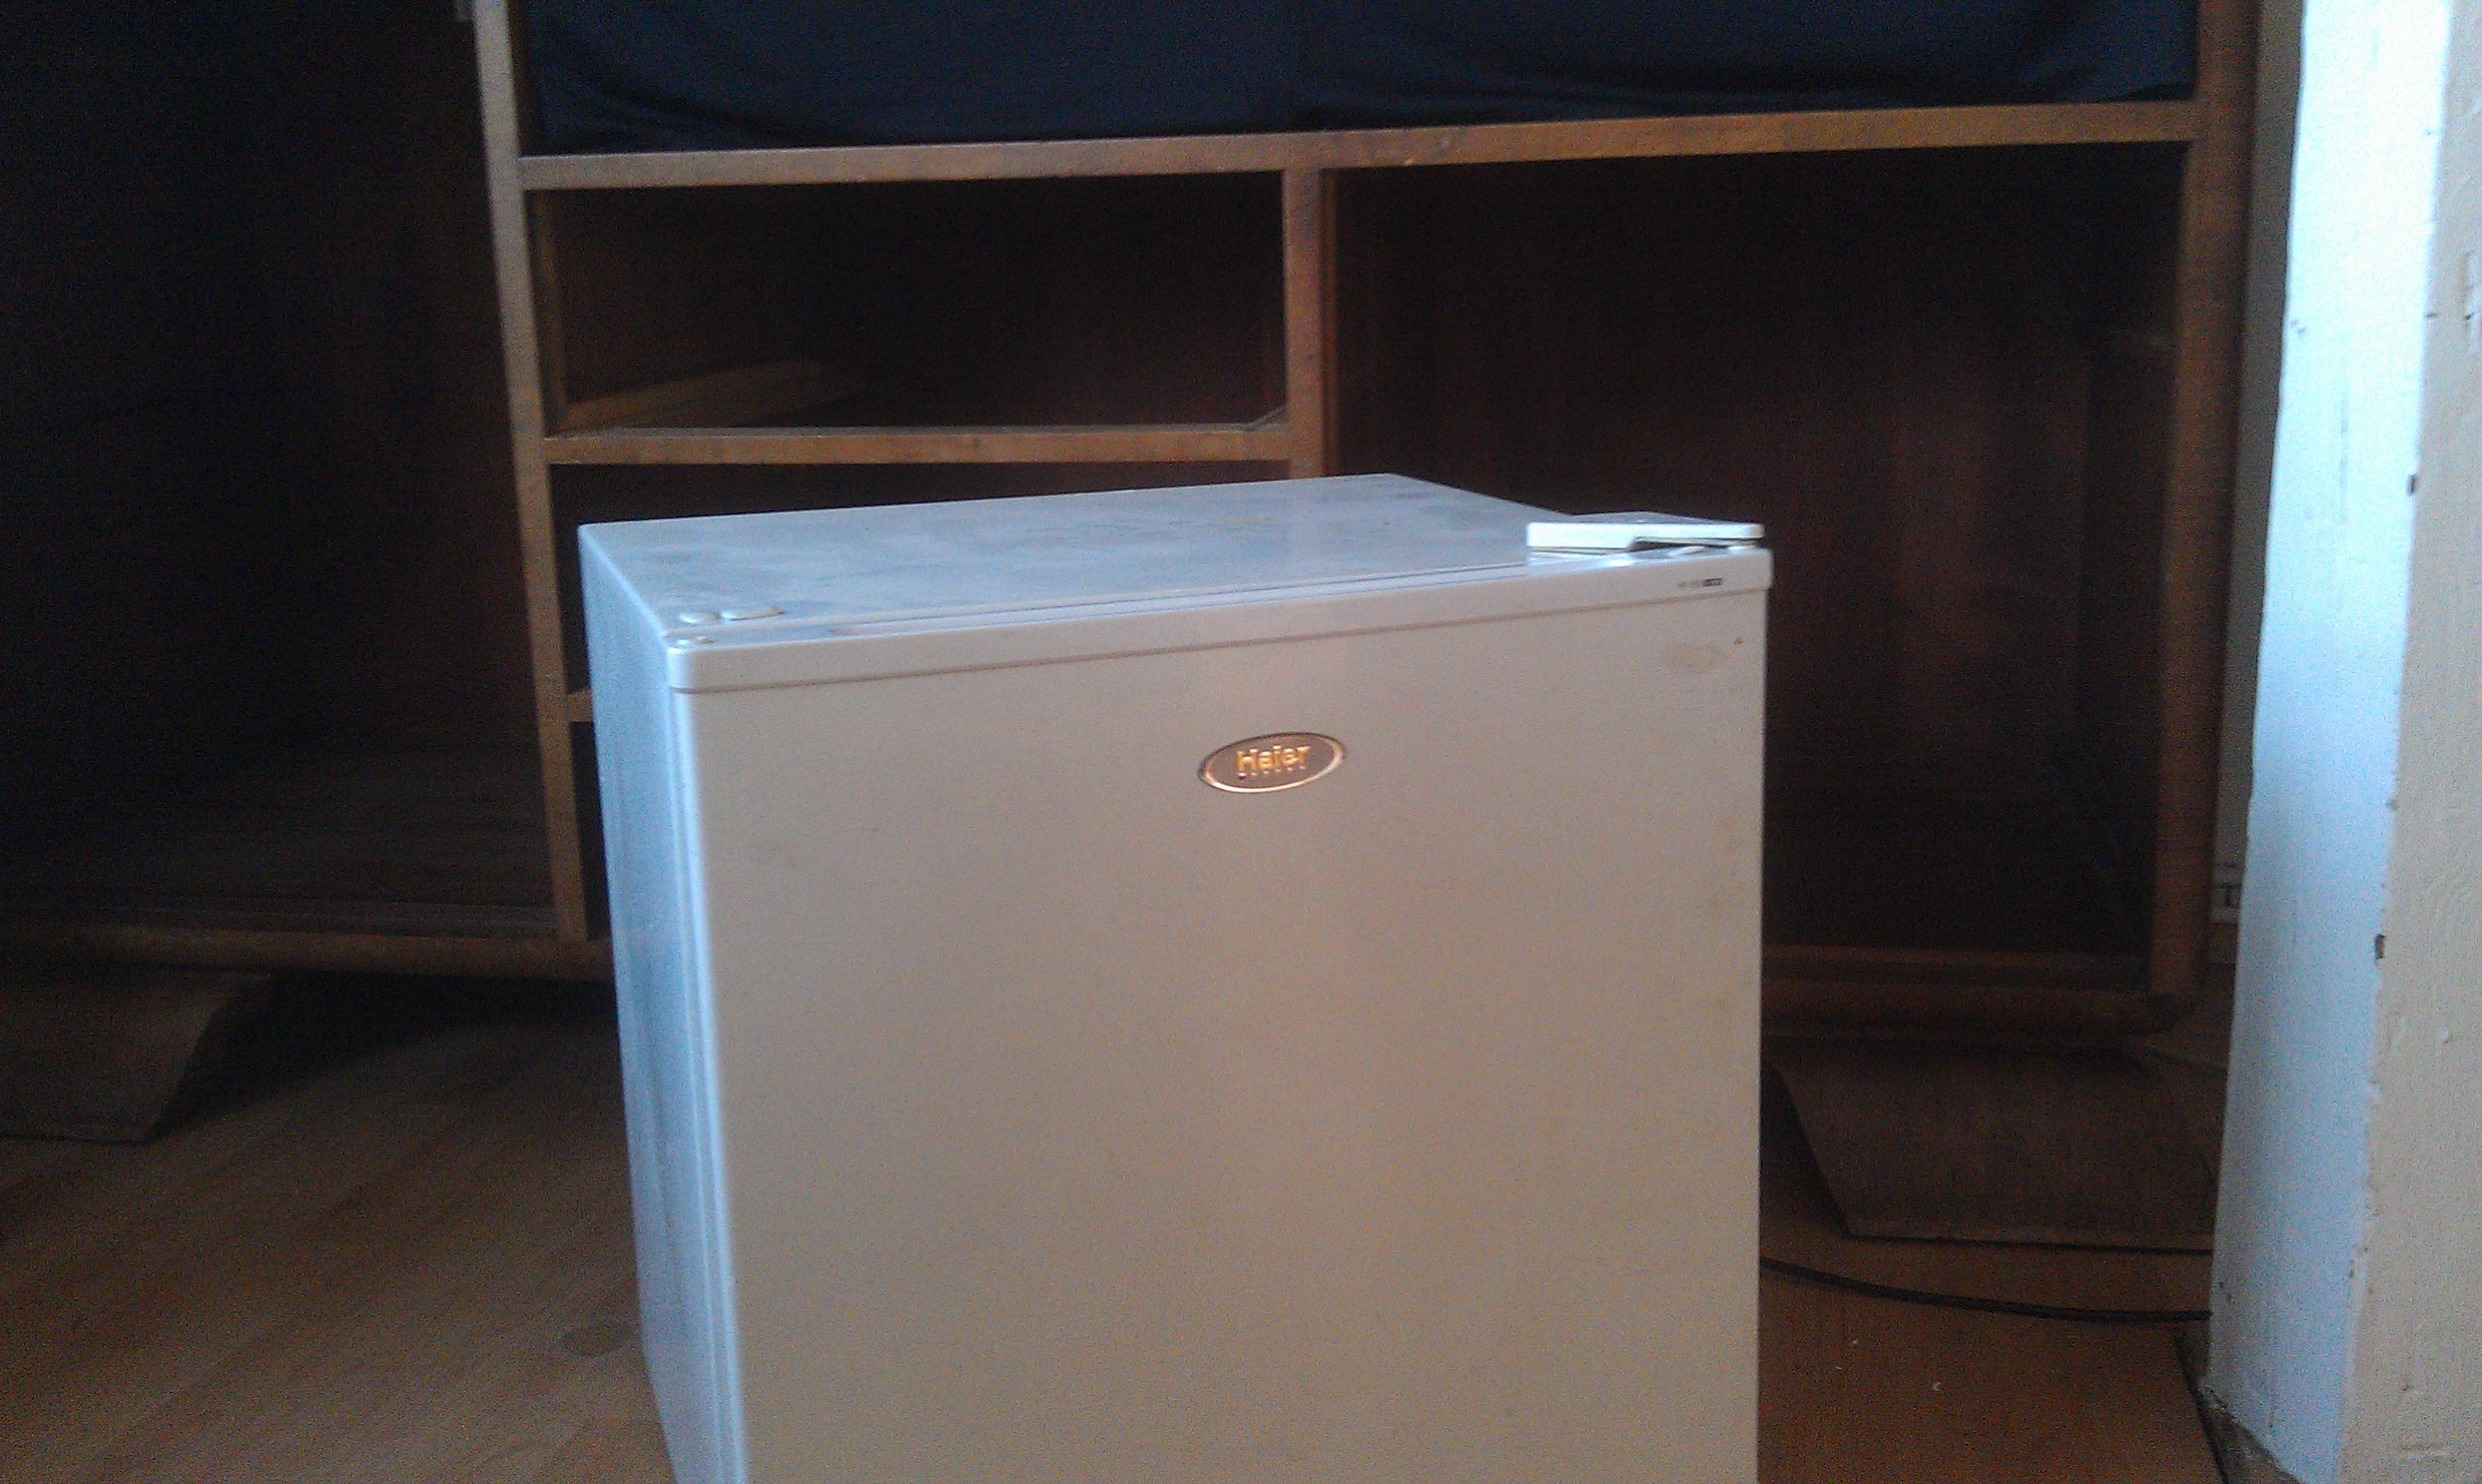 Red Bull Mini Kühlschrank Unold : Mini kühlschrank schrank: ikea küche hochschrank kühlschrank